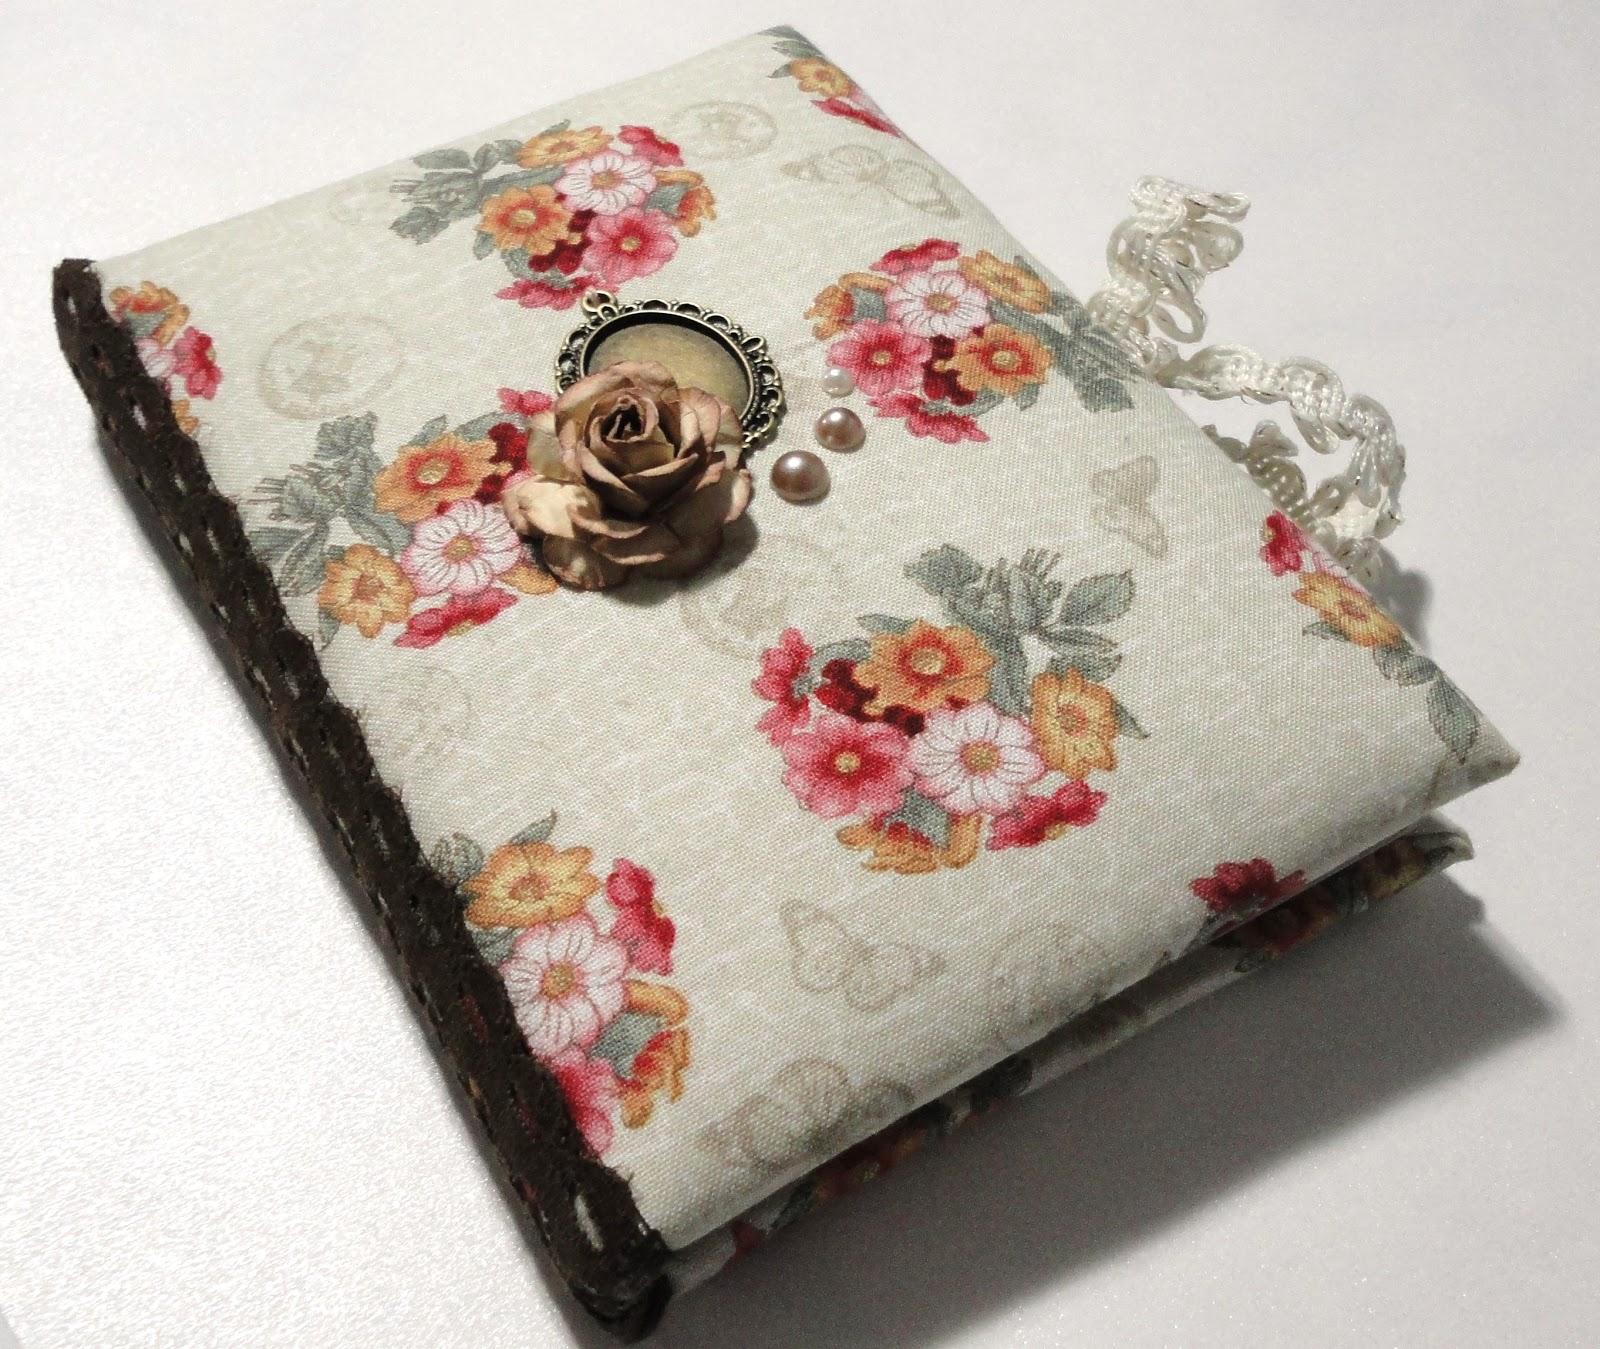 Блокнот своими руками из ткани фото 881